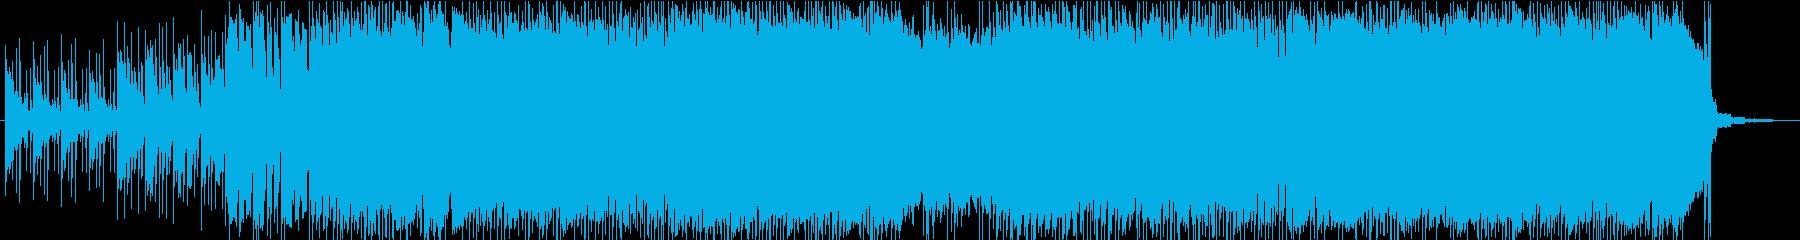 人気のある電子機器 中国国家 ポジ...の再生済みの波形